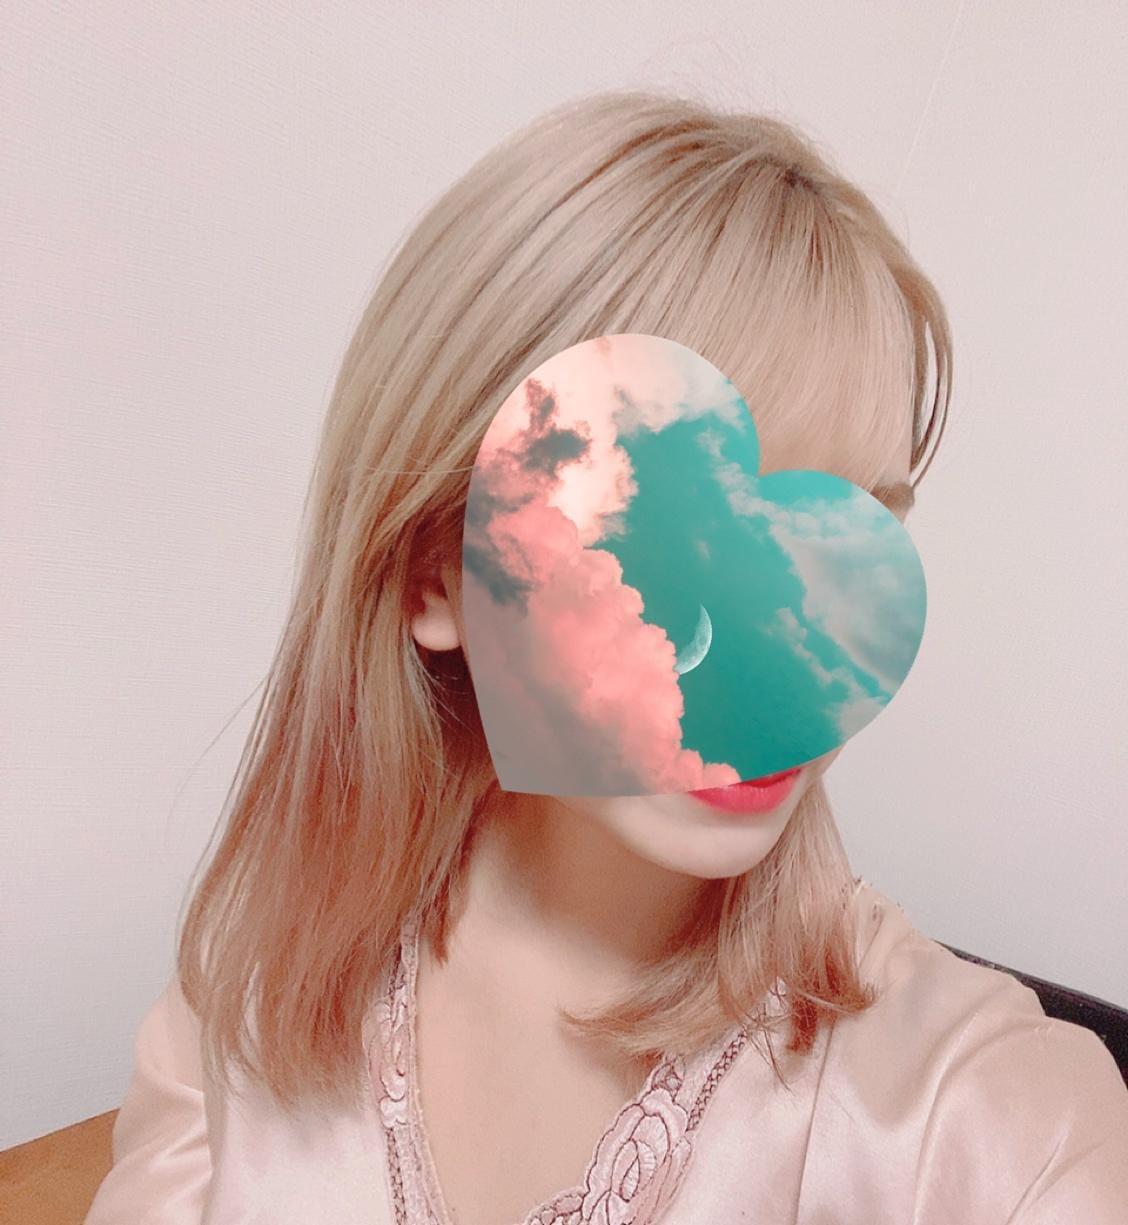 「おはようございます❤︎」03/01(月) 09:08 | 美音(みお)の写メ日記